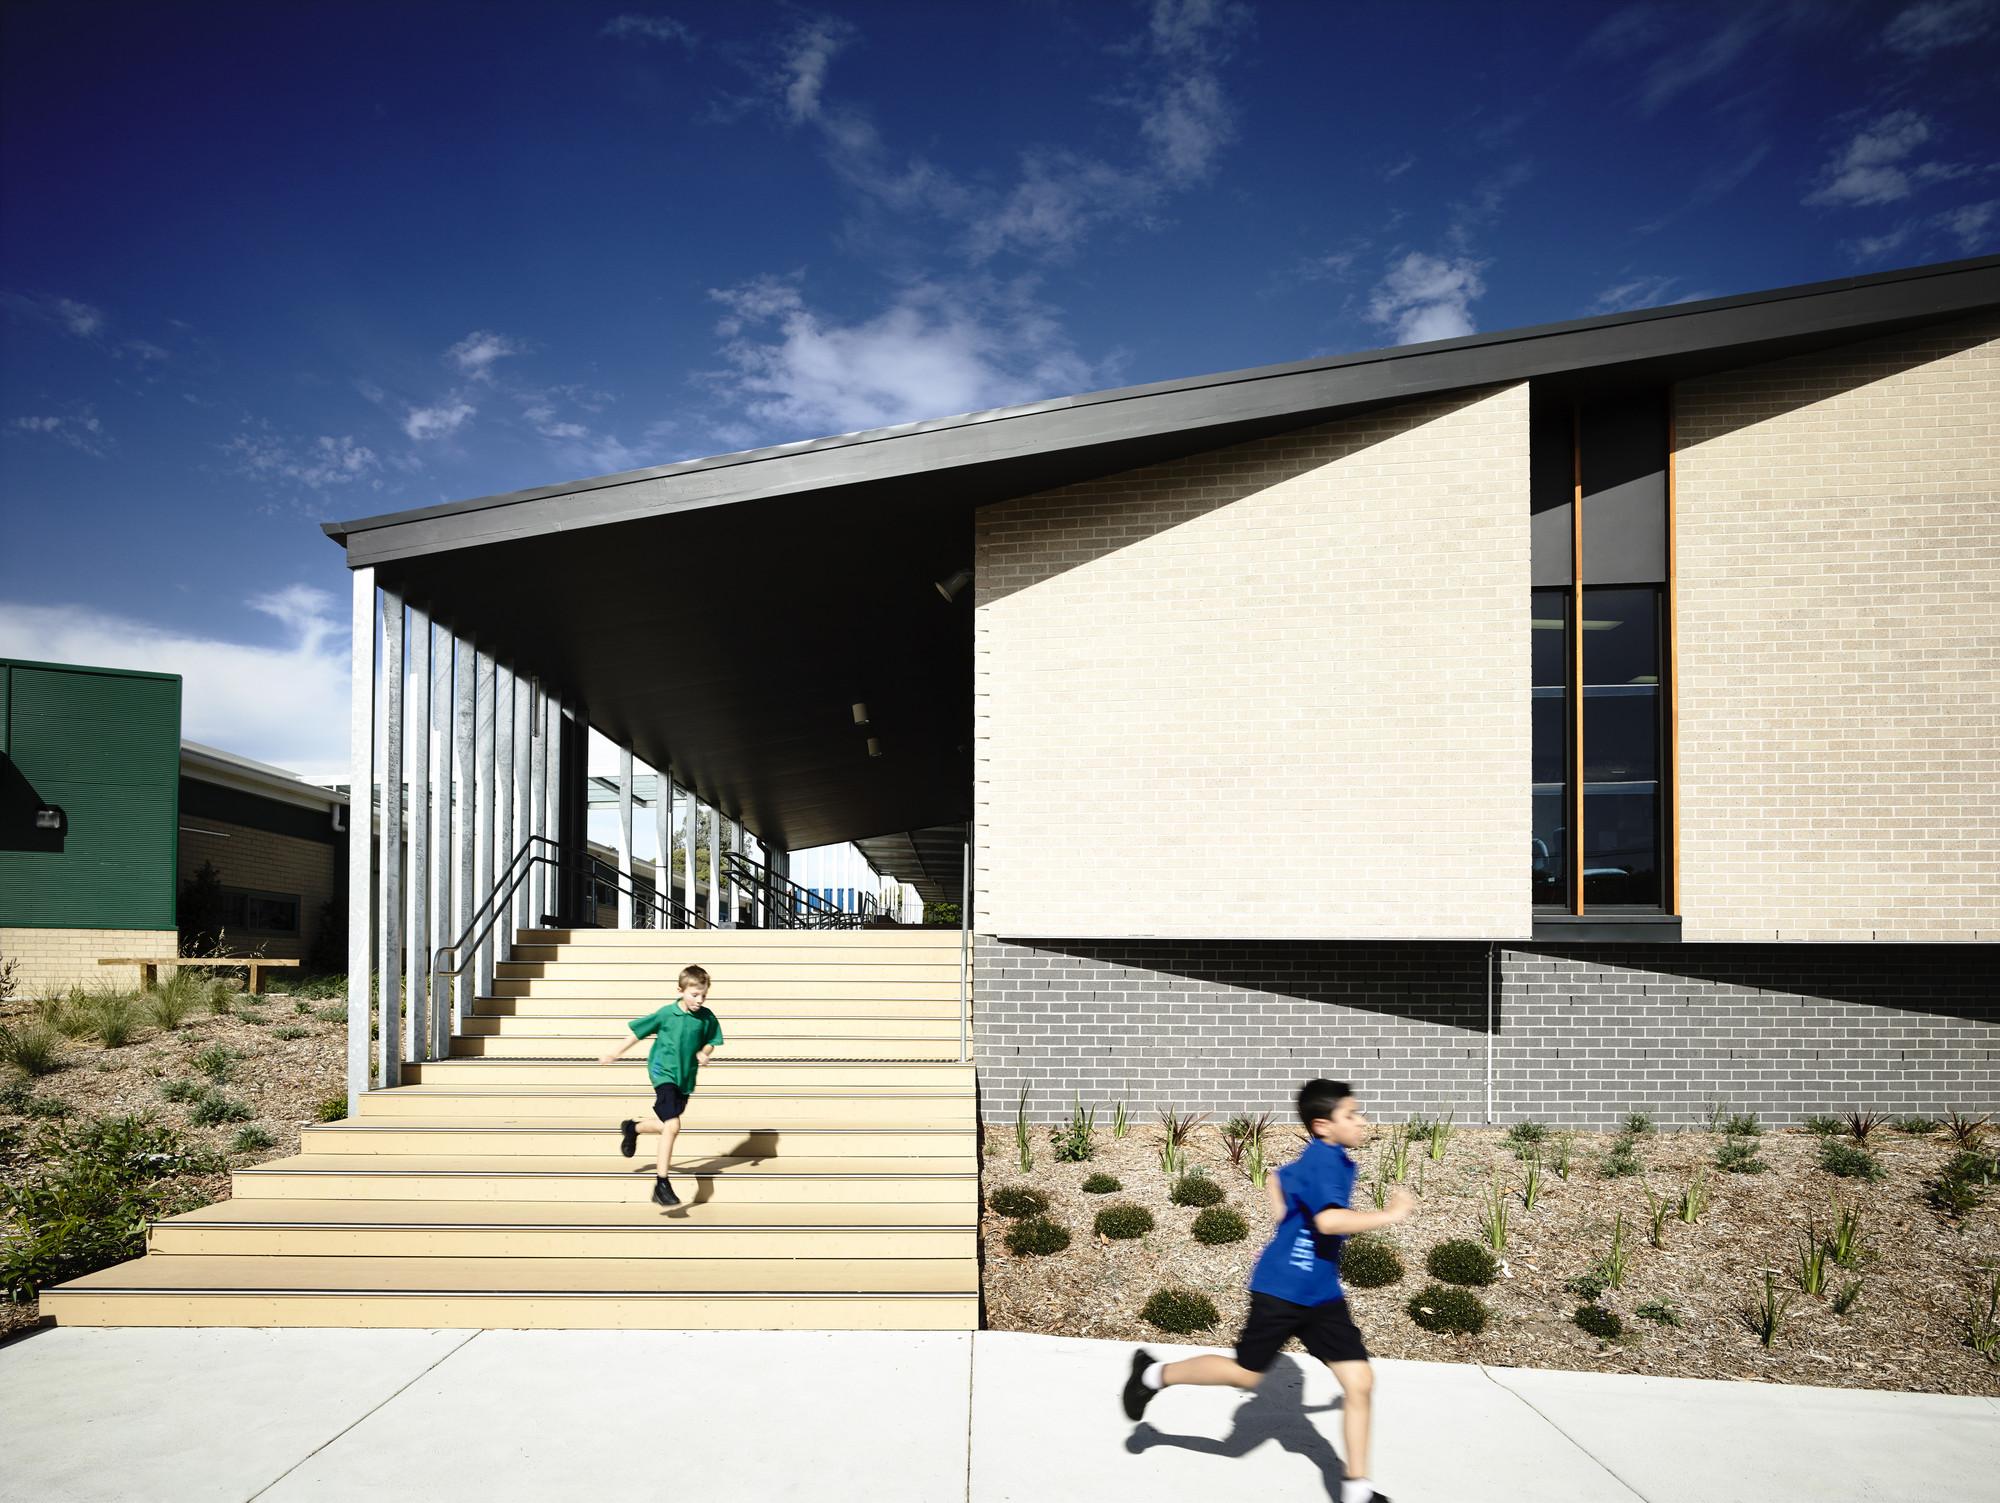 Birralee Primary School / Kerstin Thompson Architects, © Derwek Swalwell